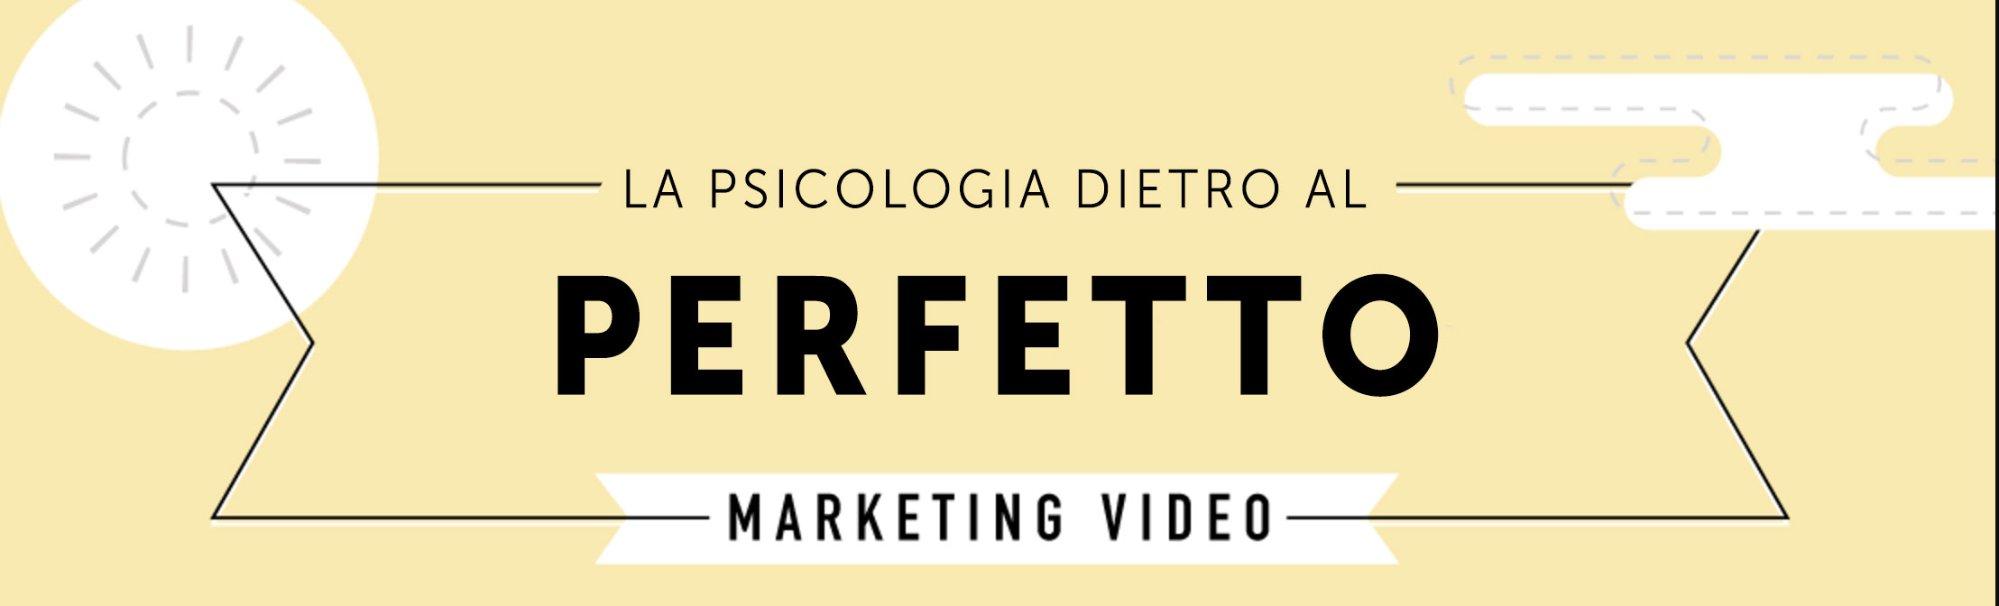 6 step psicologici dietro il video marketing perfetto